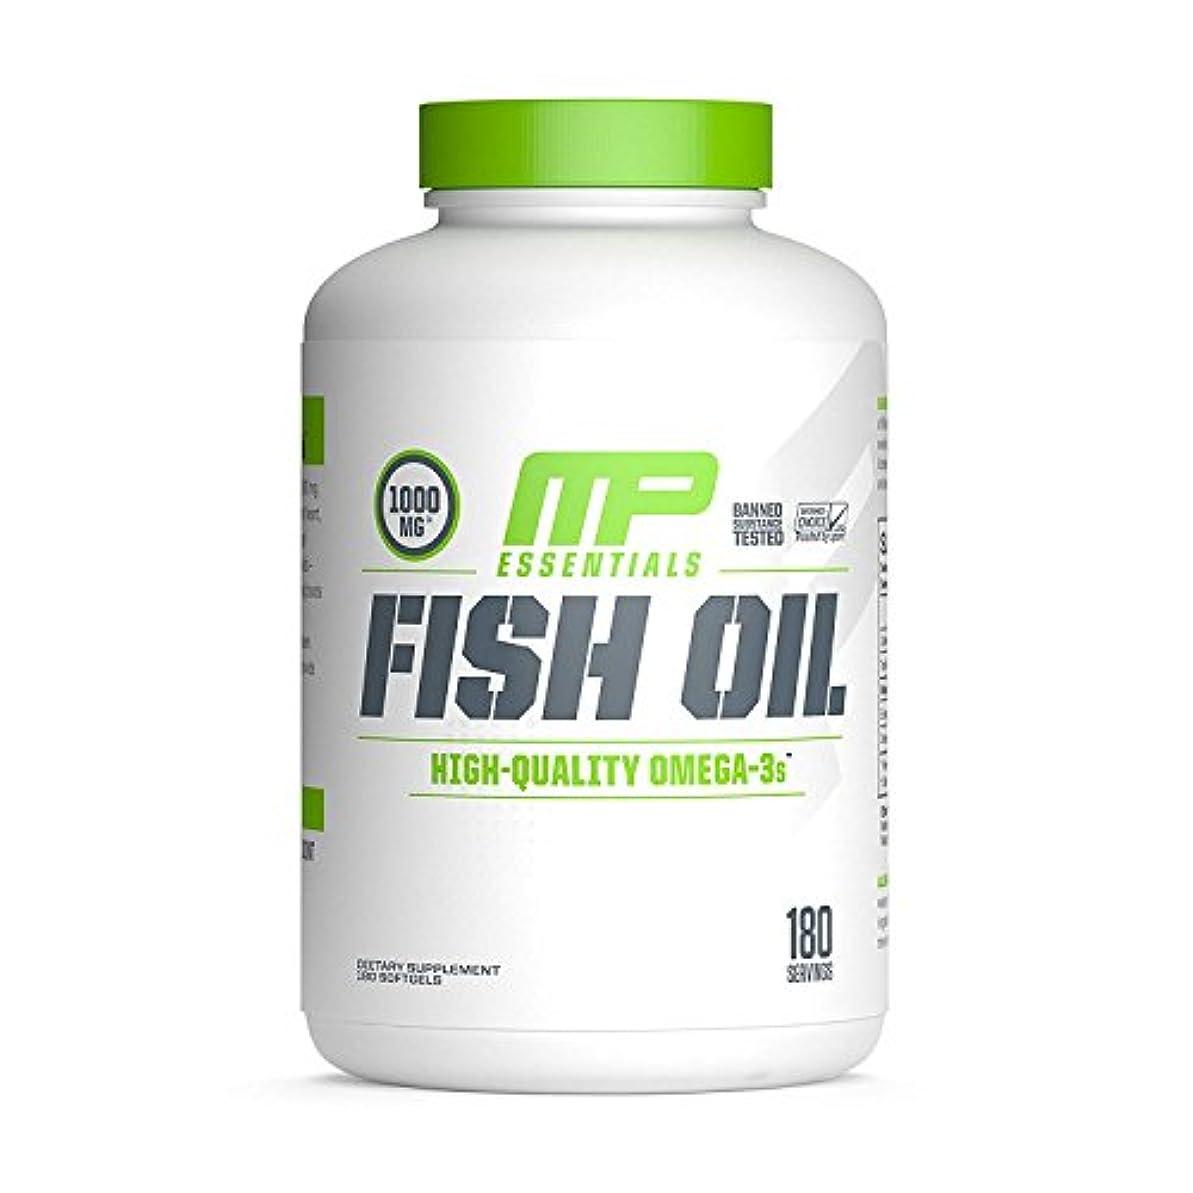 遅らせる本能乱す海外直送品 MusclePharm, Fish Oil Essentials 180 Servings [並行輸入品]